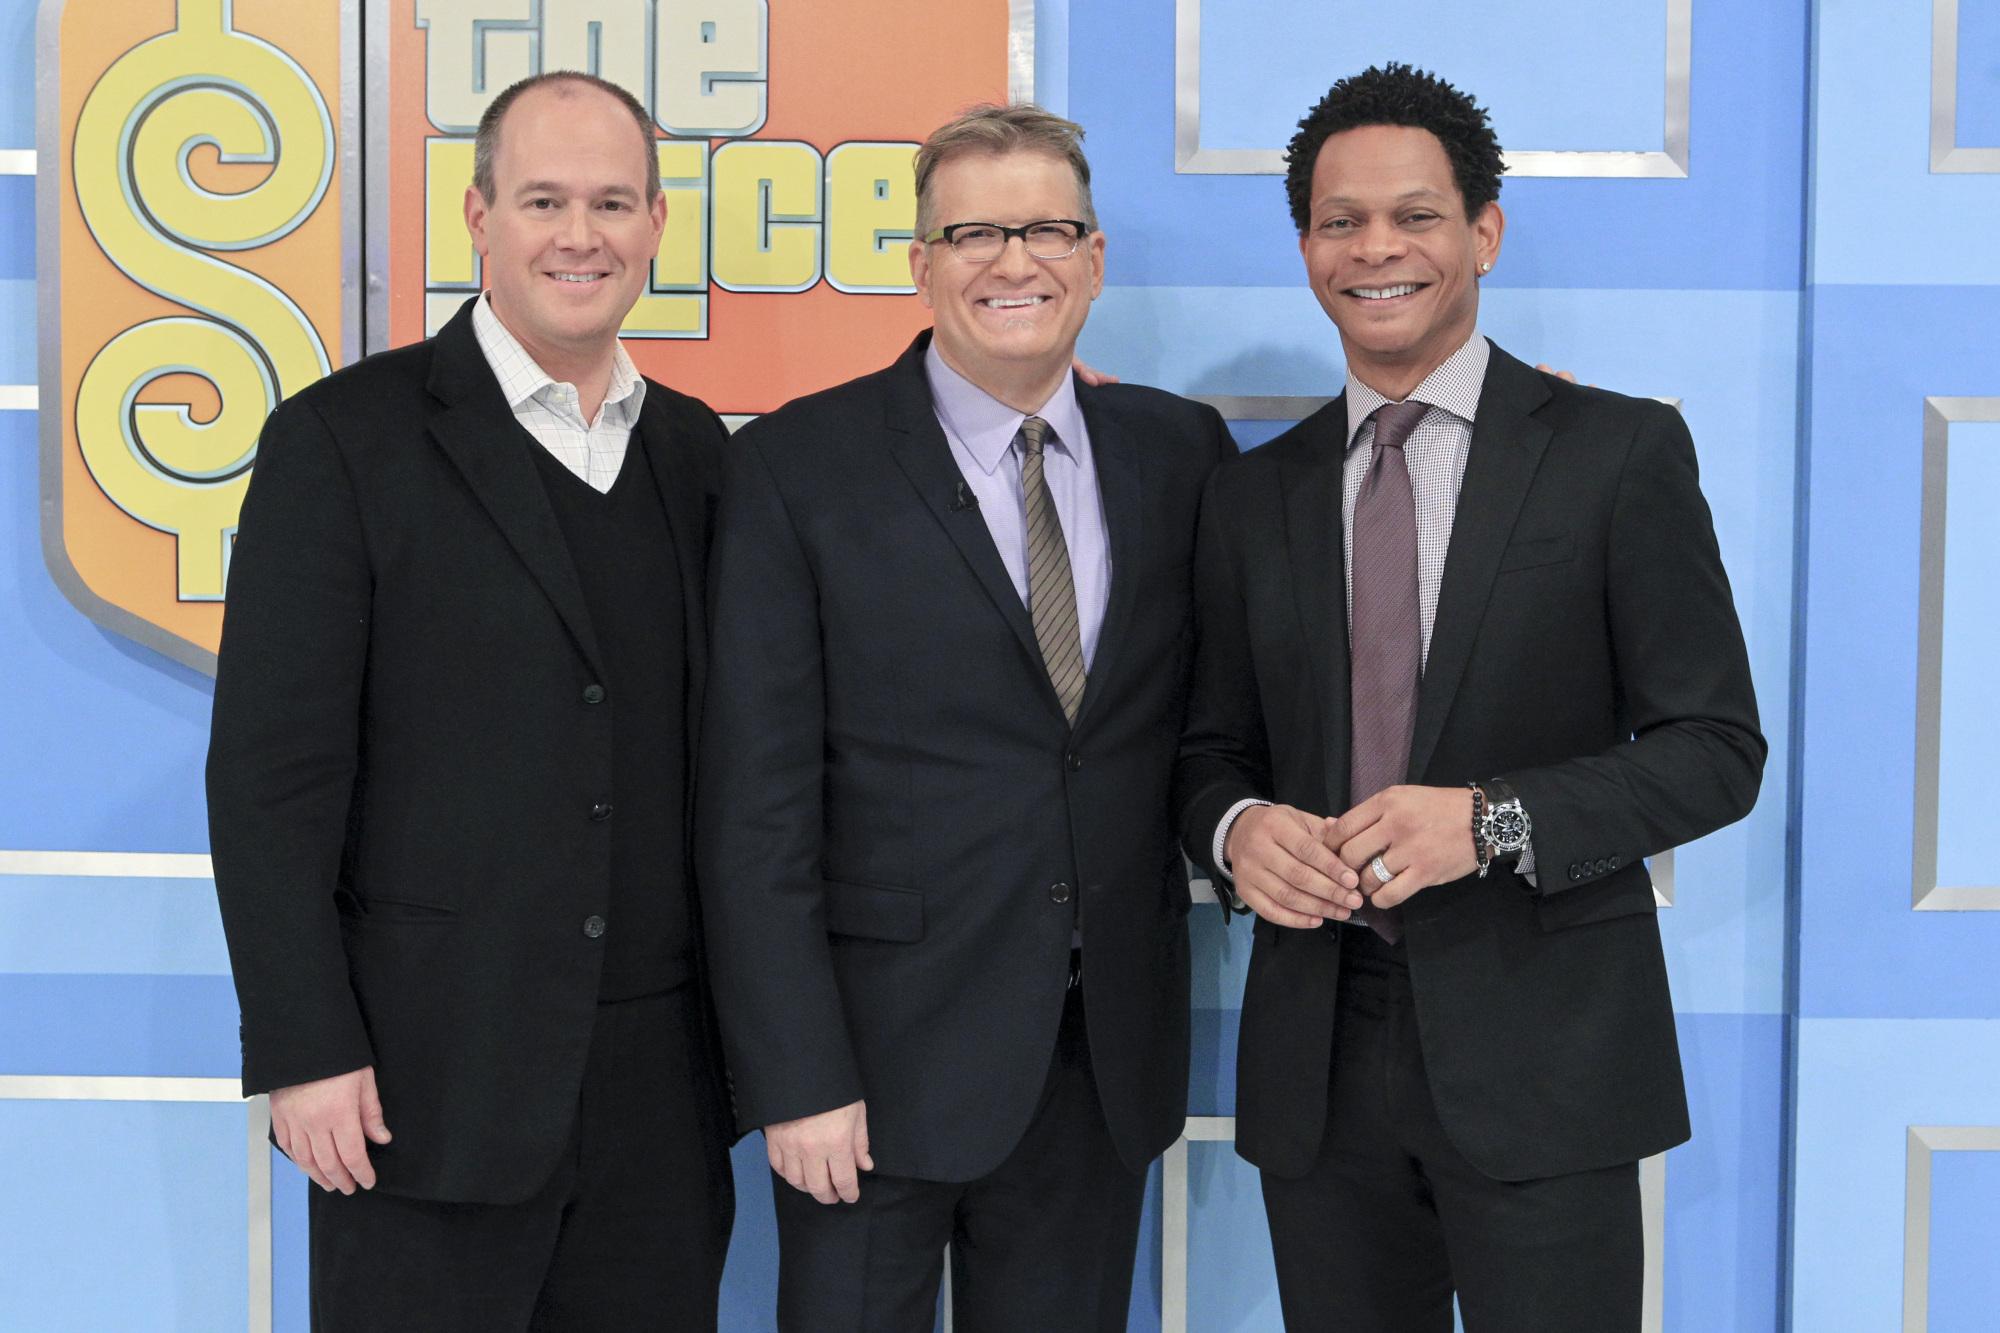 Rich Eisen & Eric Davis Visit The Price Is Right